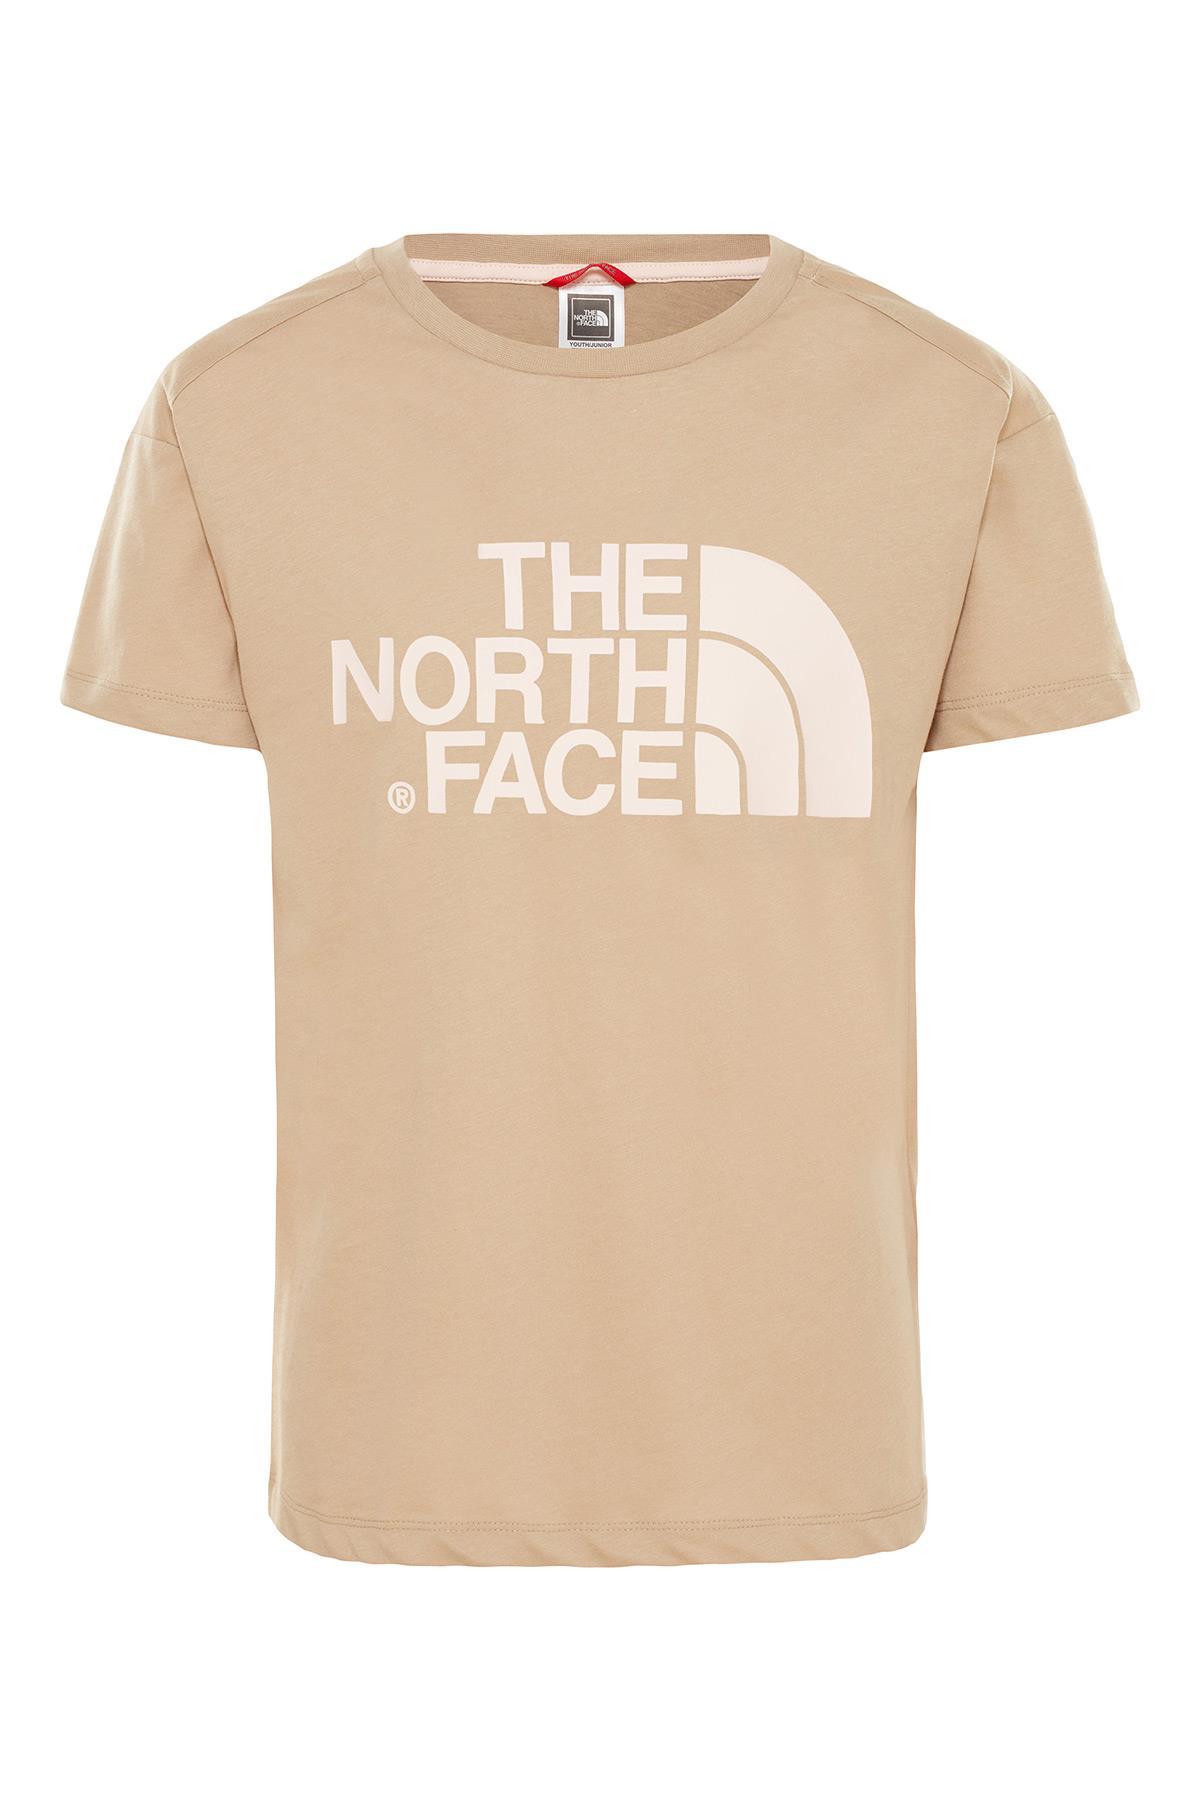 The Northface G Boyfriend S/S Tee T93S32254 Tişört